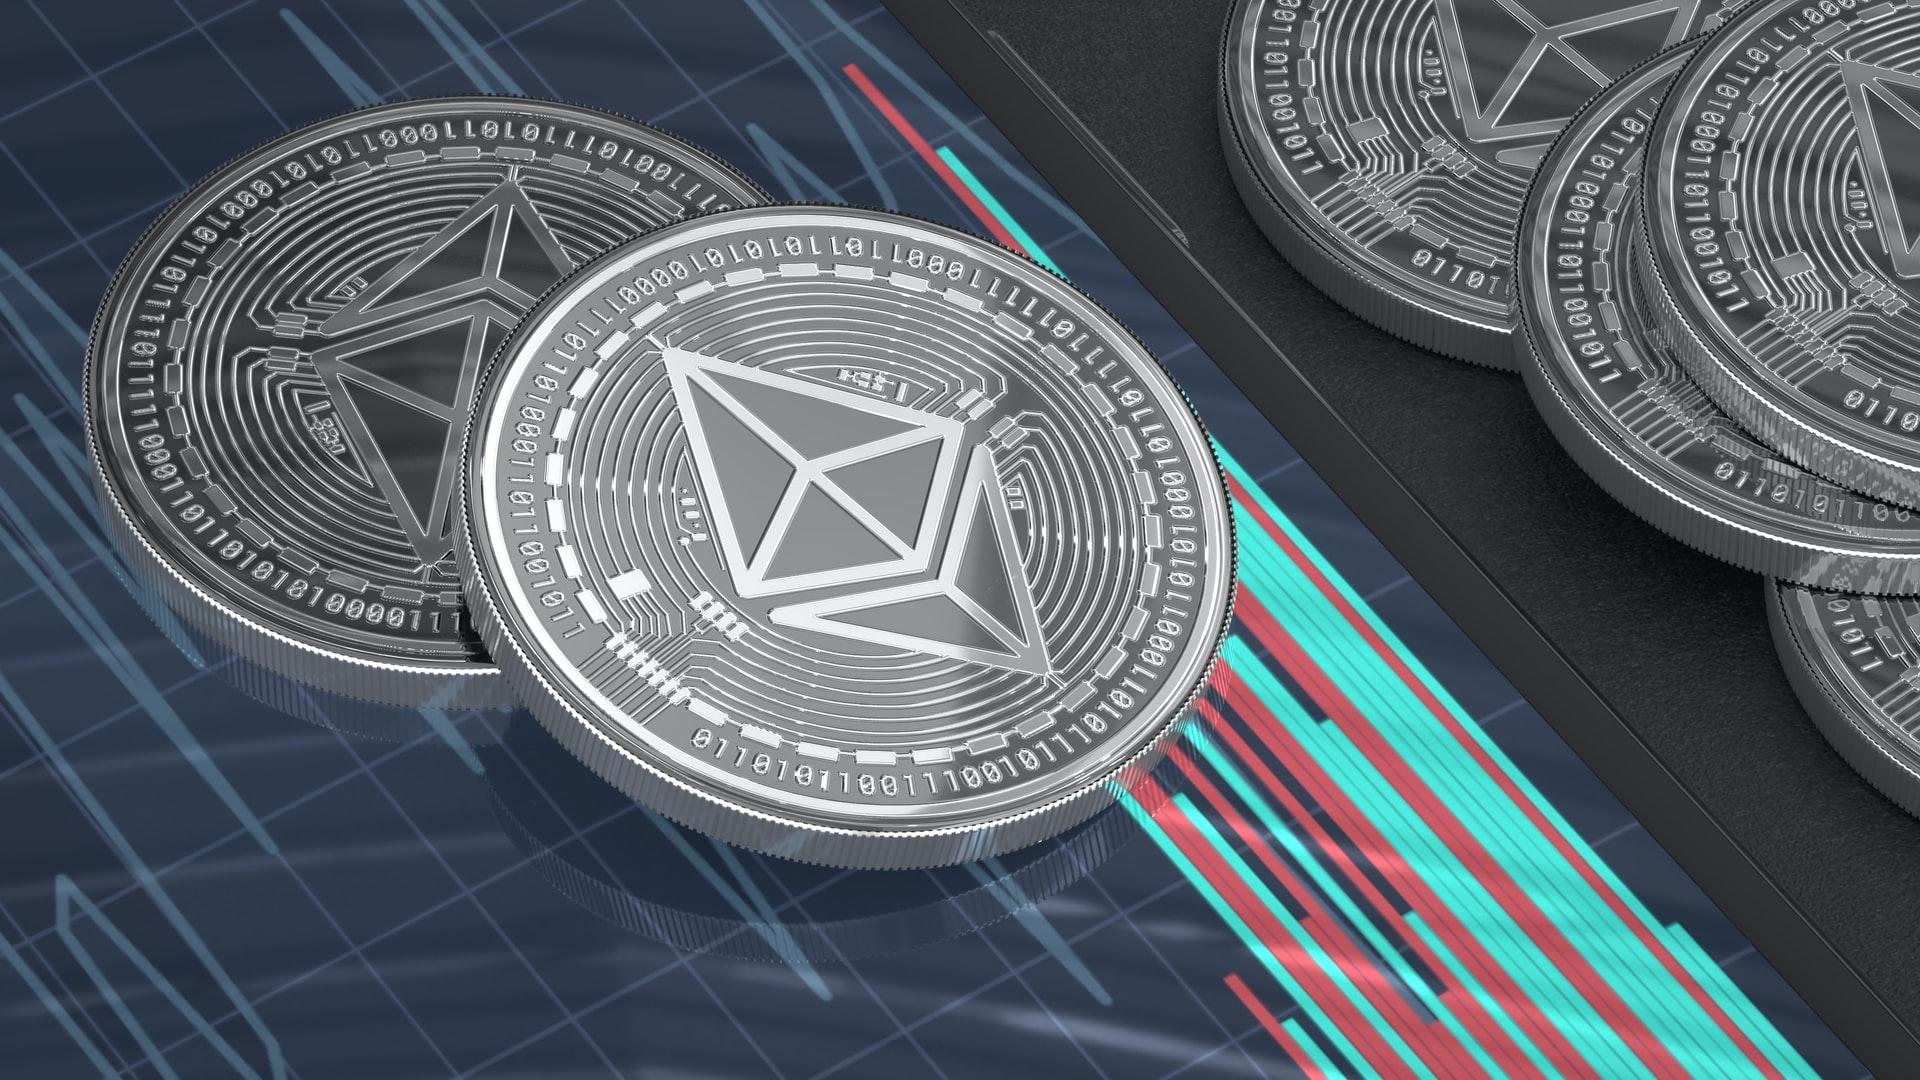 Ethereum Kurs Prognose – Wird der Kurs auf $10.000 ansteigen?